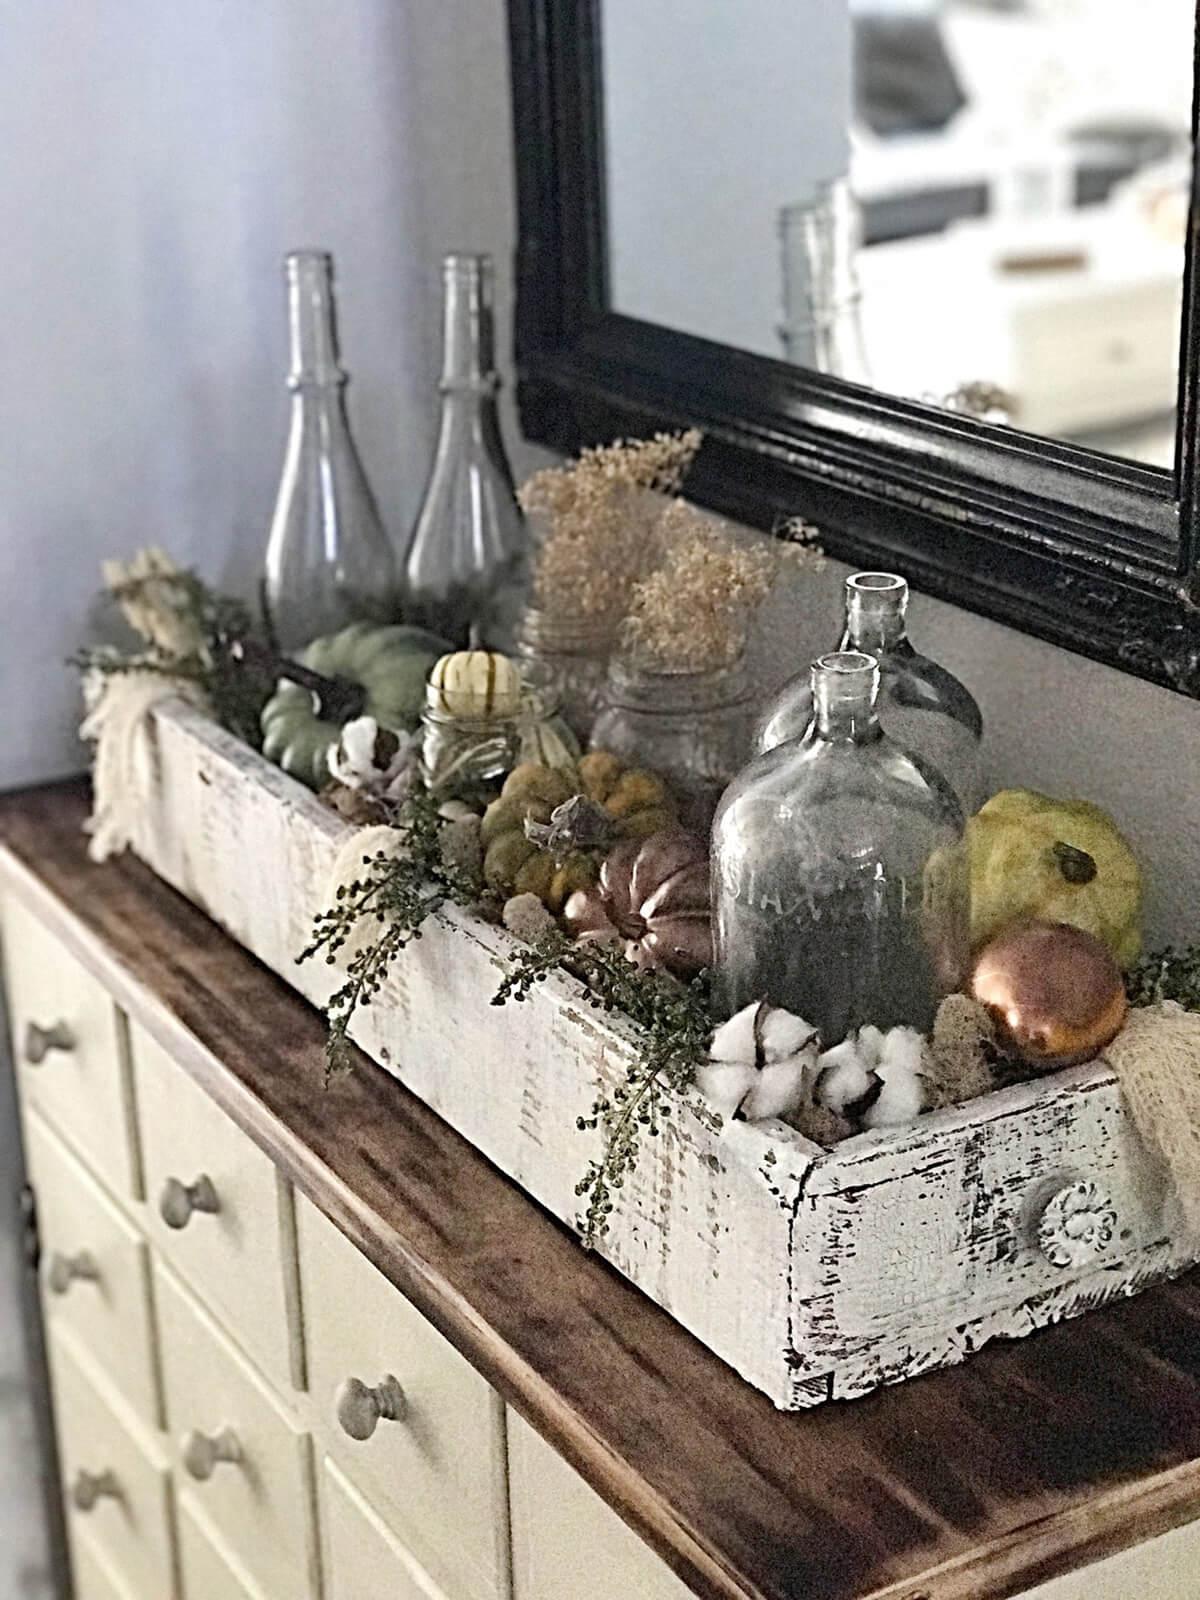 Autumn Arrangements in a Box